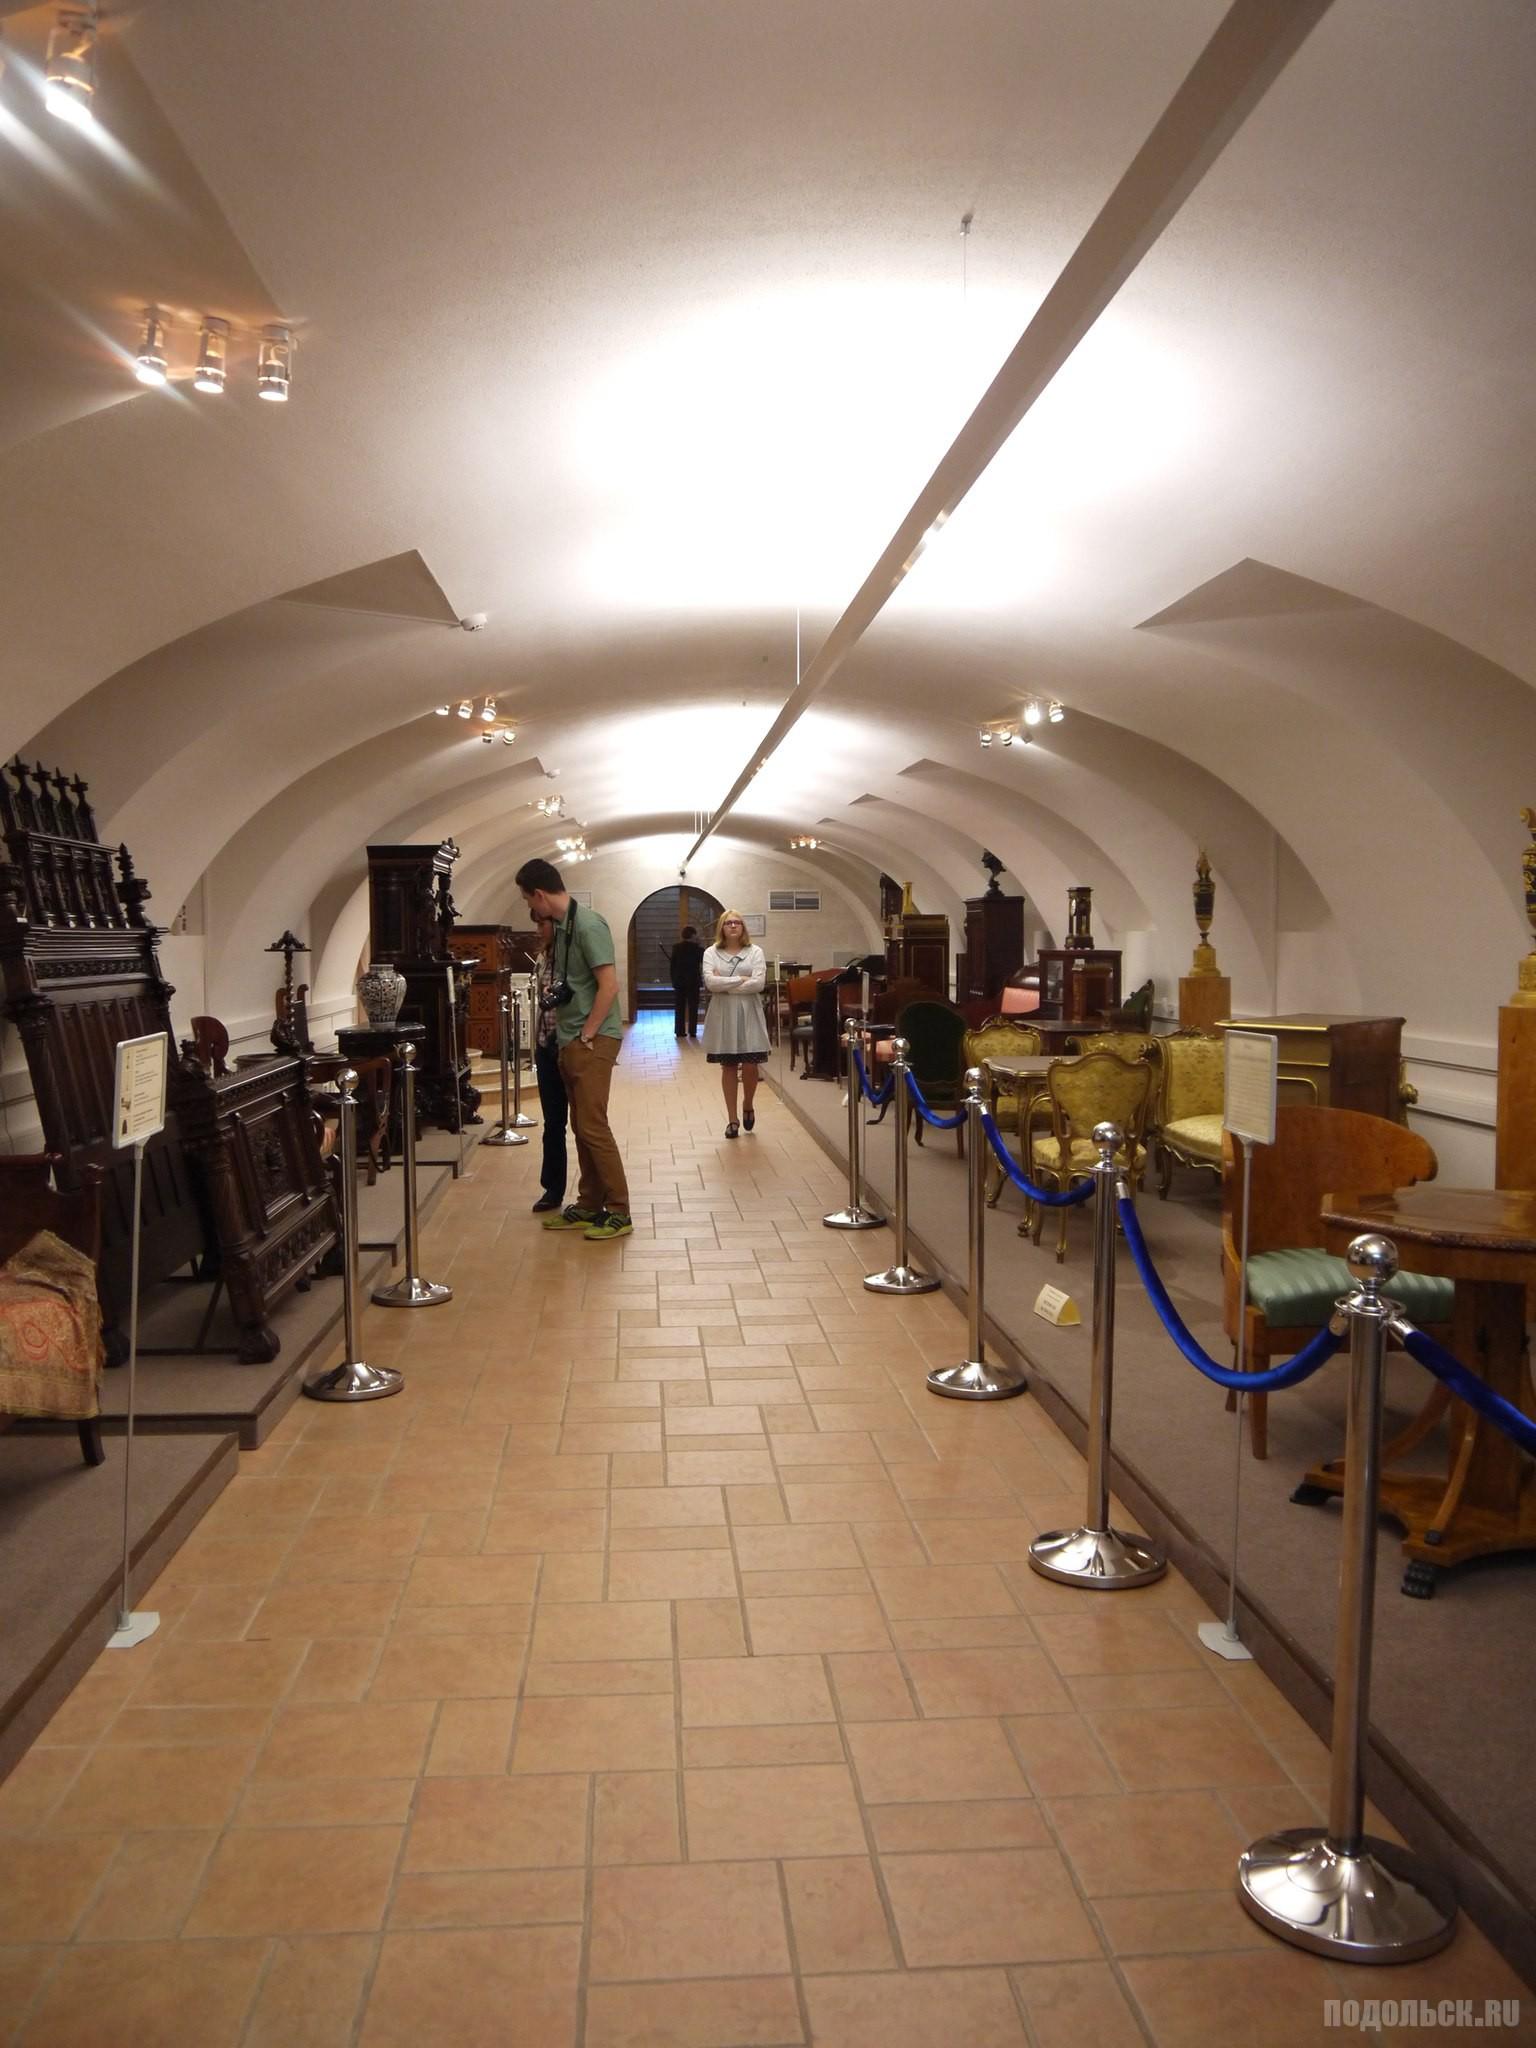 Музей в усадьбе. Август 2015 г.